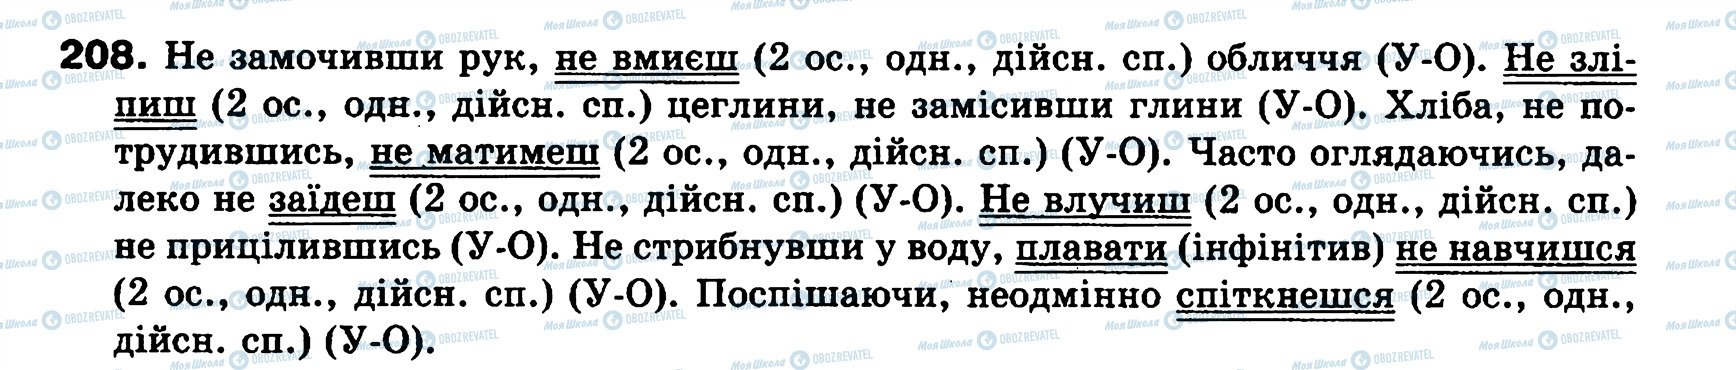 ГДЗ Українська мова 8 клас сторінка 208